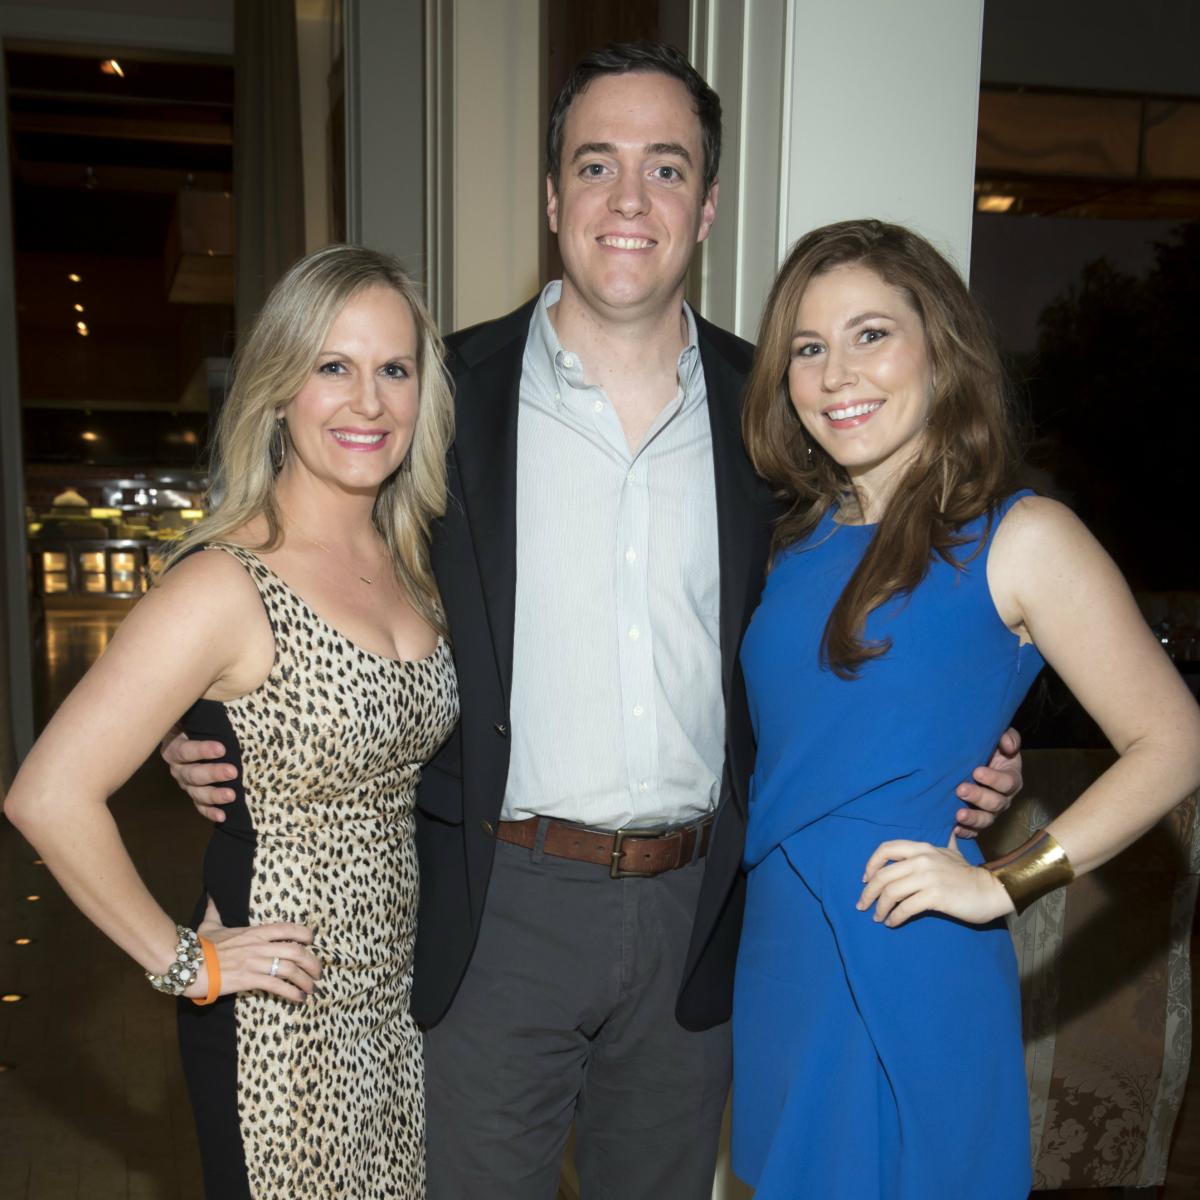 Sarah Groves, Will Groves, Katherine Harper